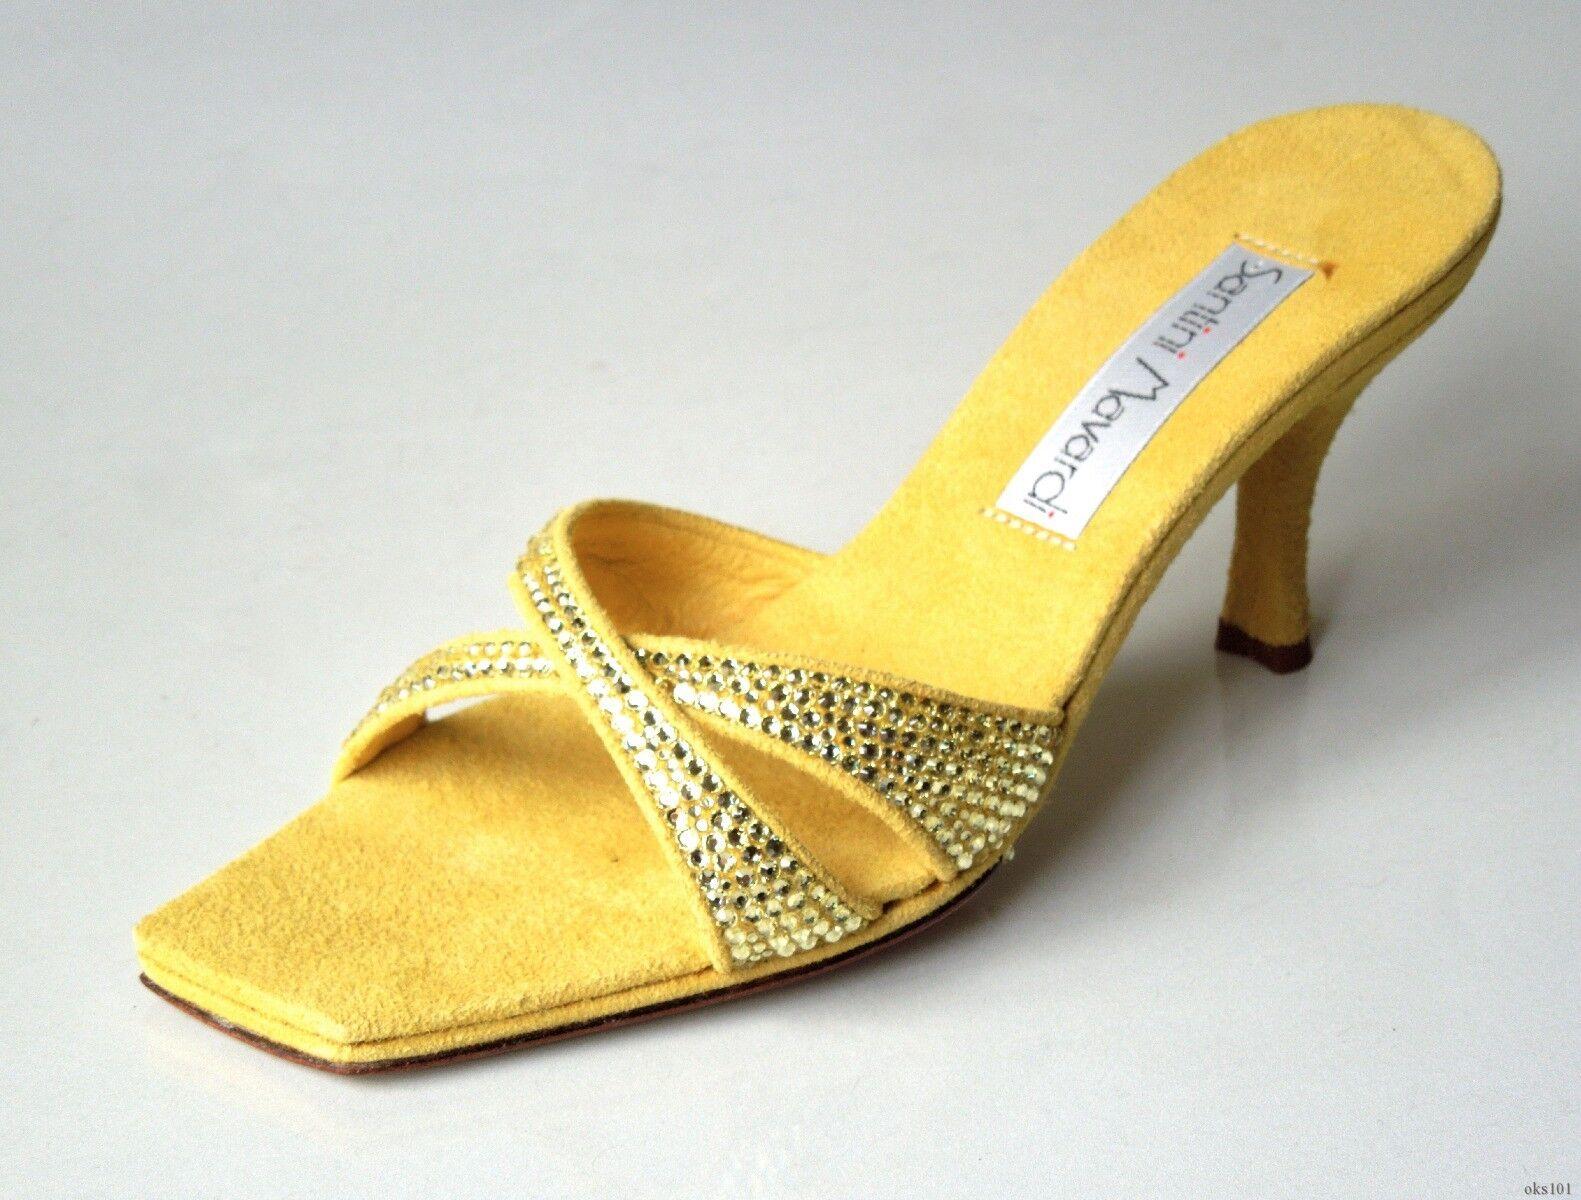 Nuevo Nuevo Nuevo Santini mavardi Miami 'Linda' Amarillo Enjoyado Mulas Zapatos 8-Elegante  mas barato